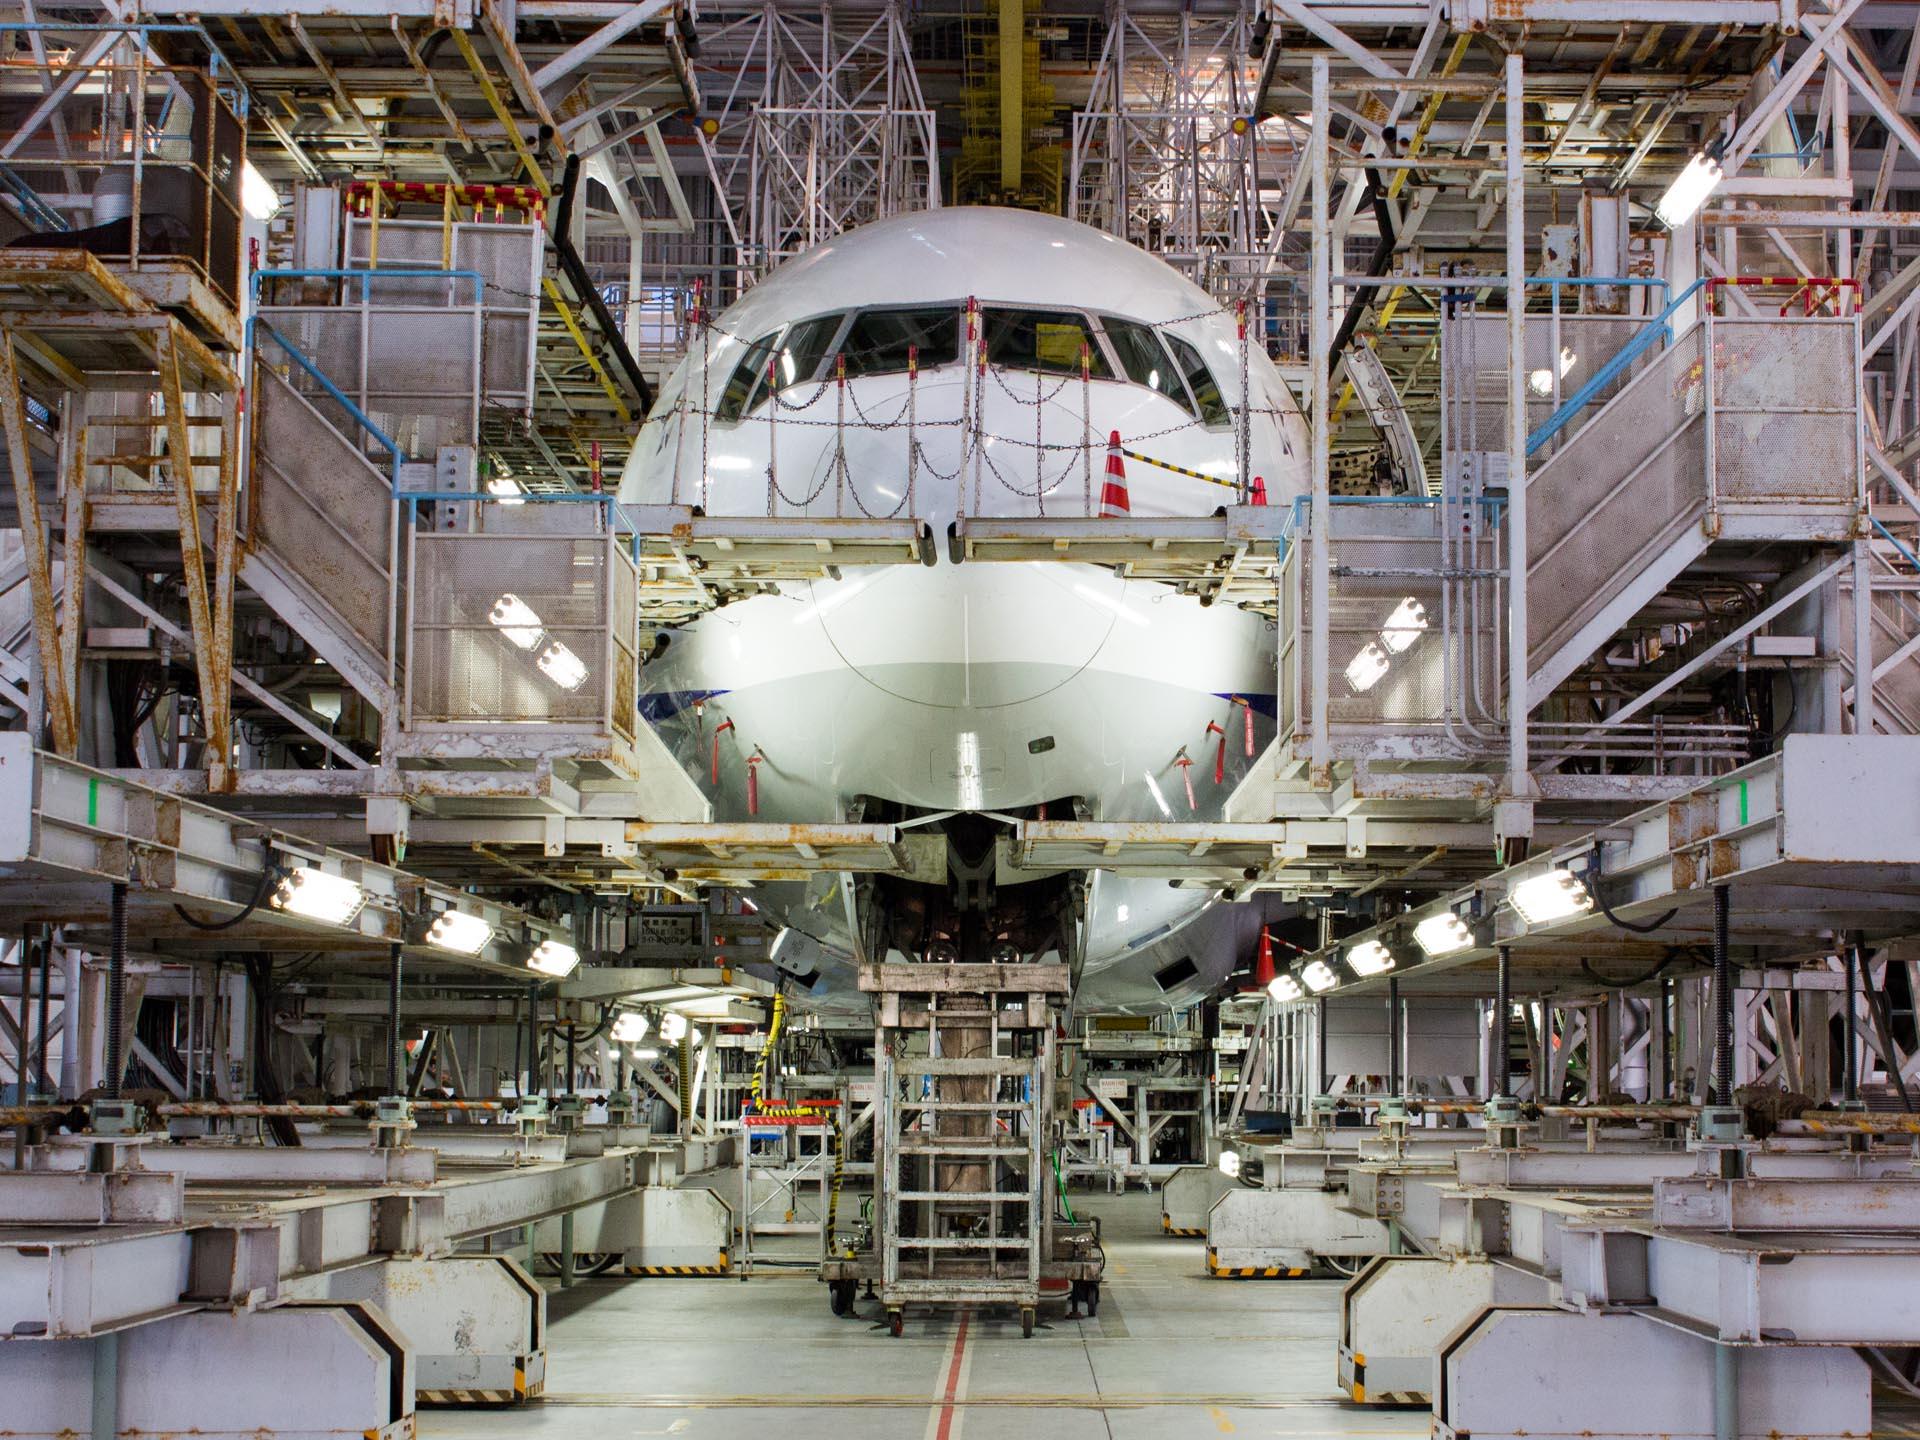 Boeing 777 Under Maintenance